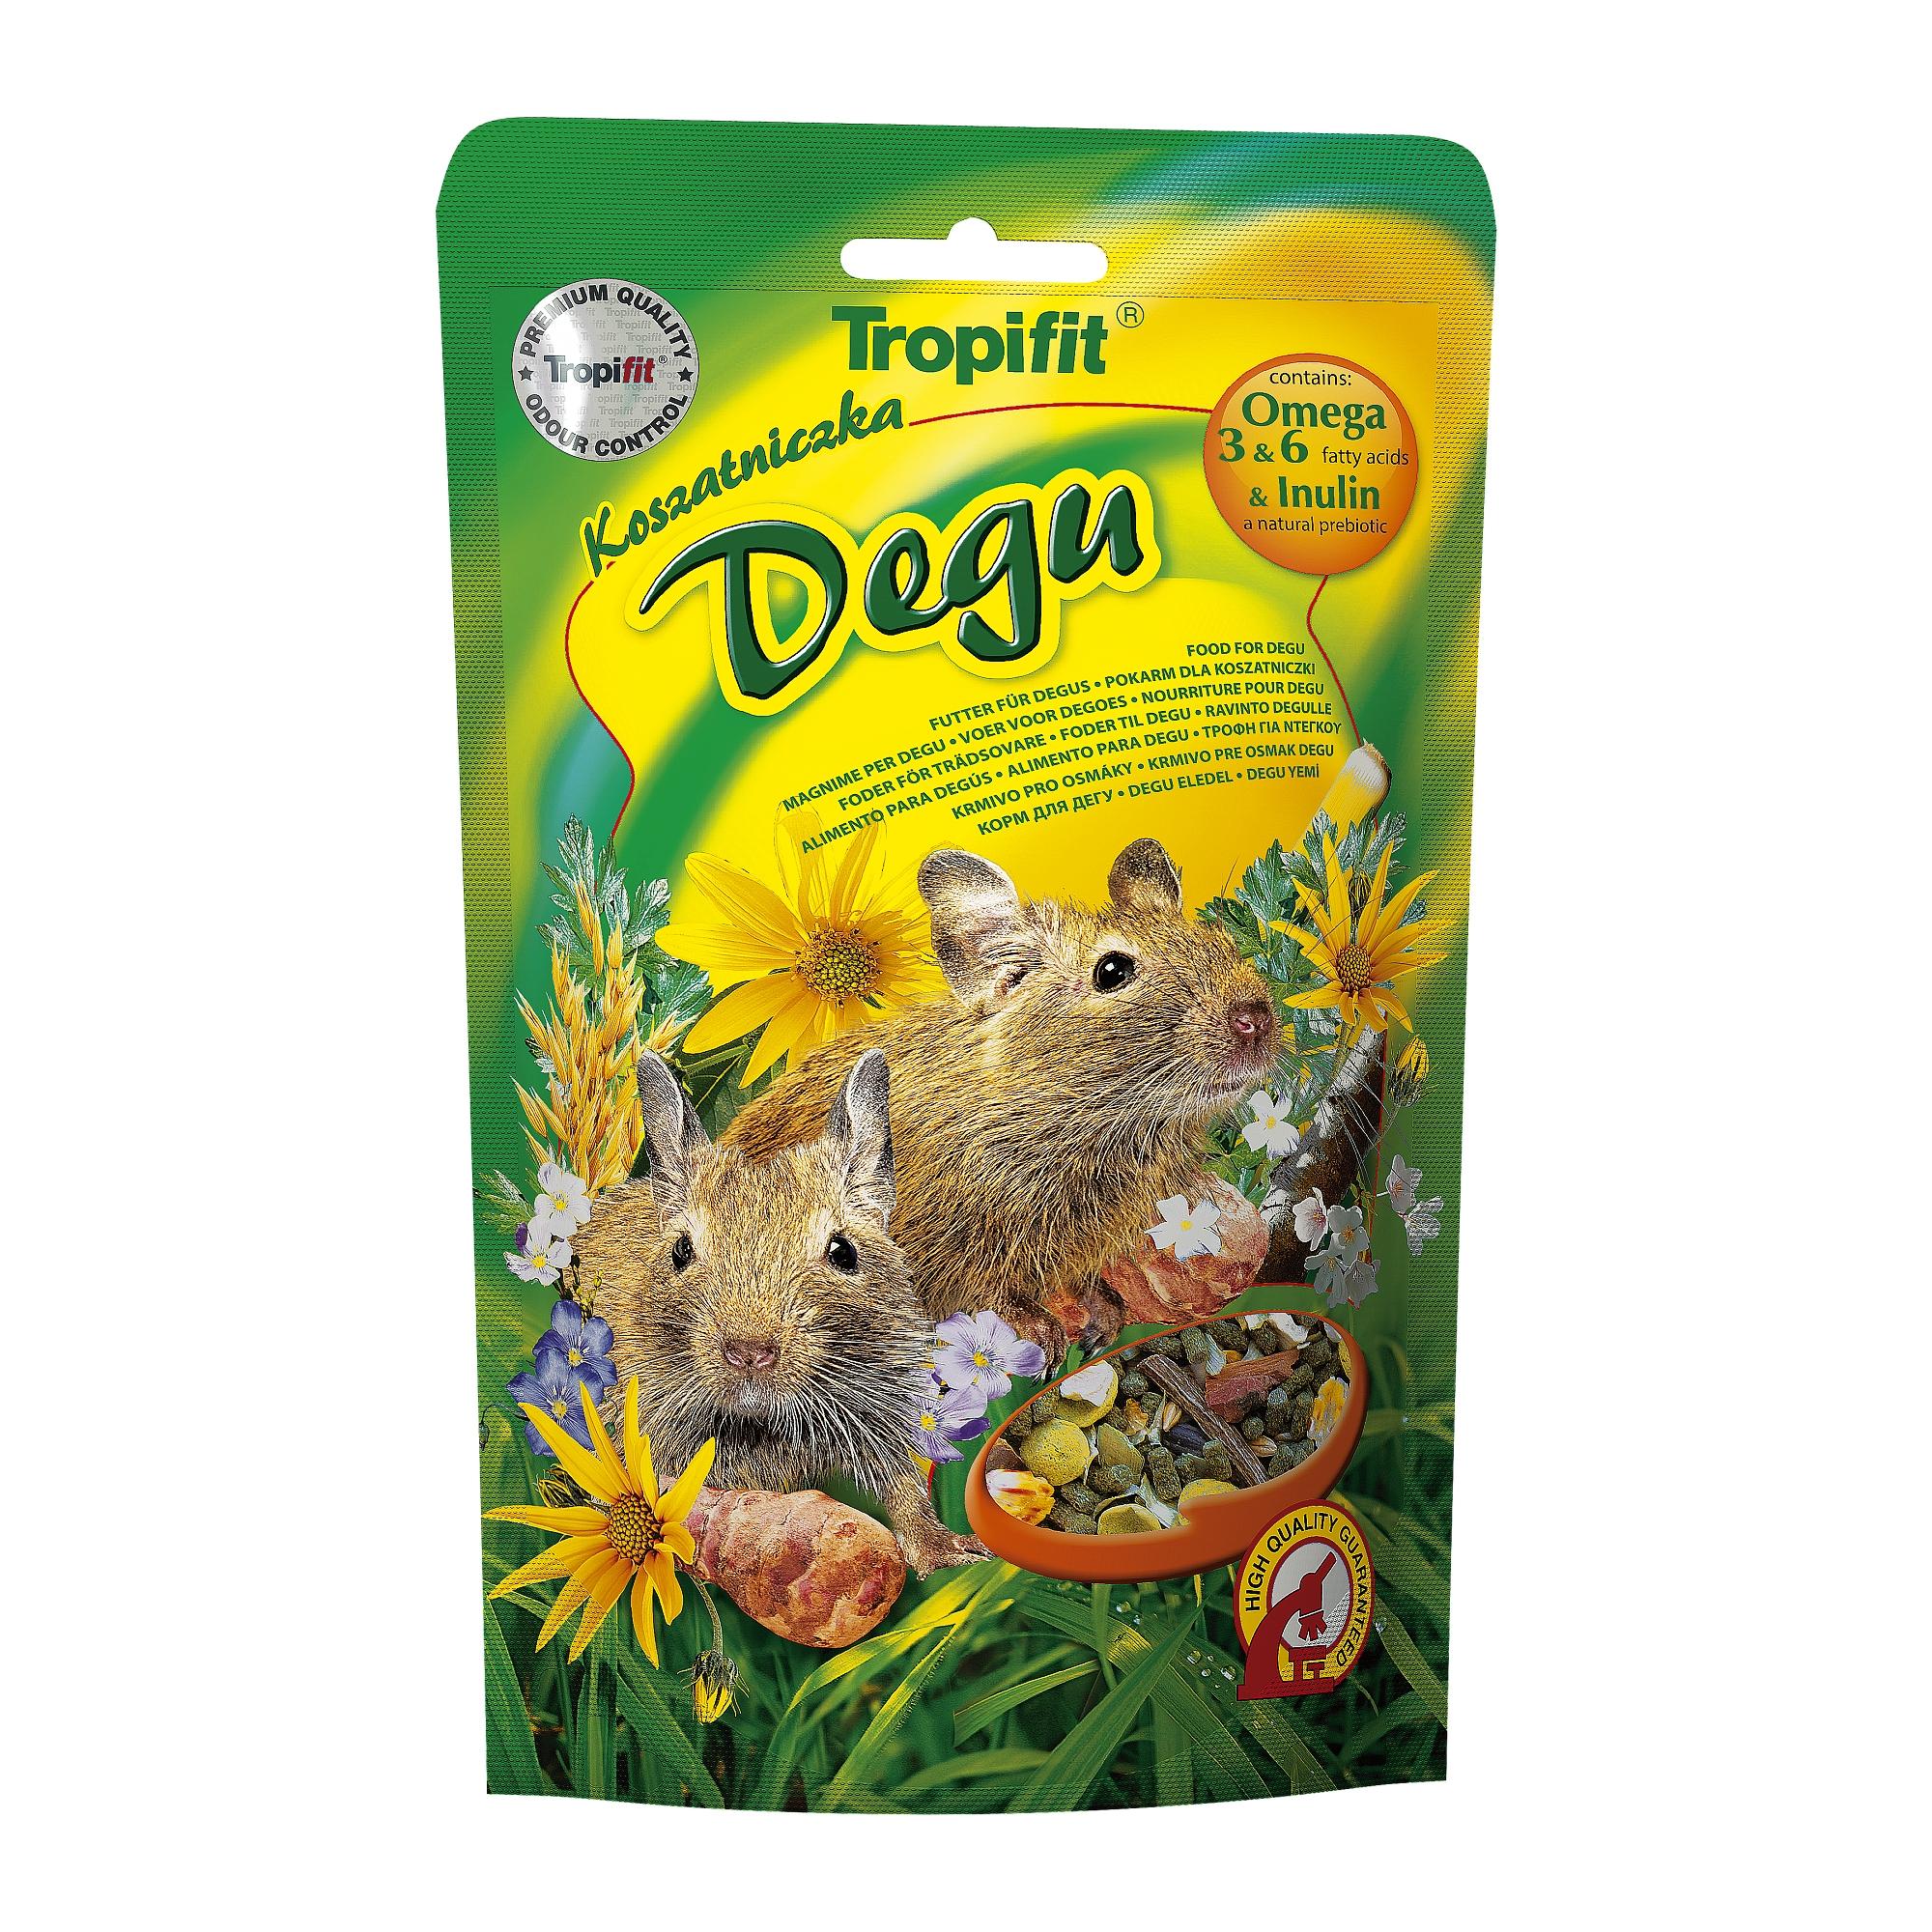 Tropifit Degu - 400g